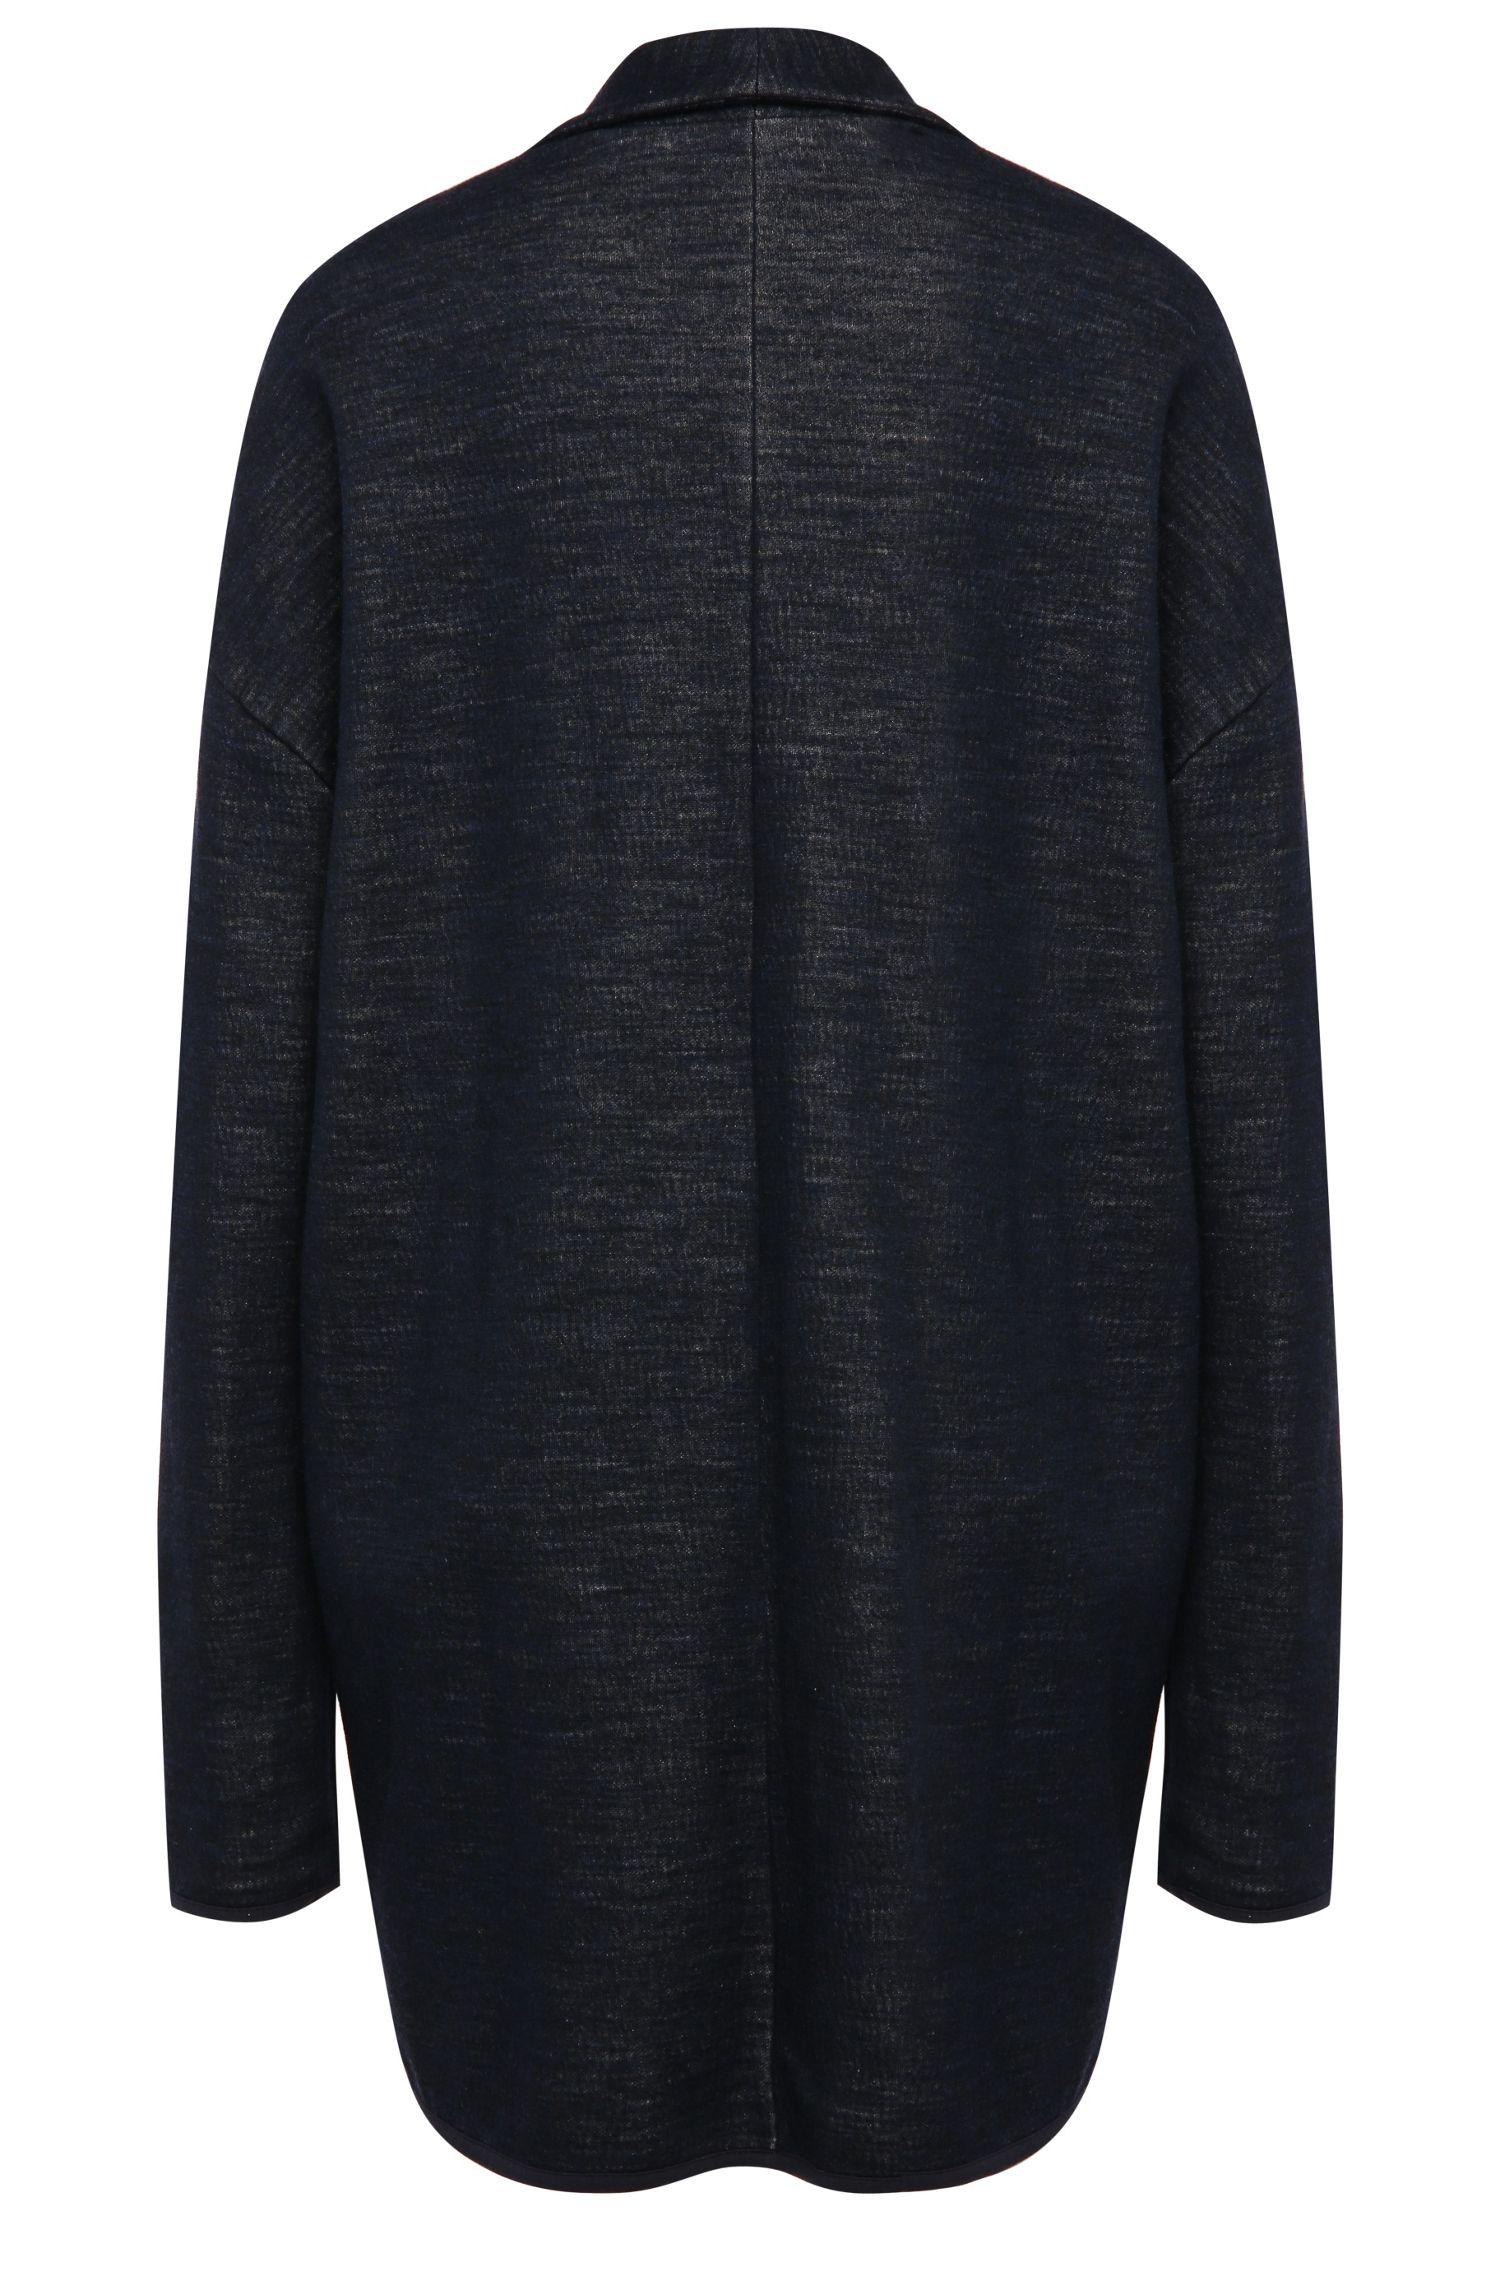 Jersey-Jacke mit kantigem Smoking-Kragen und Kontrastinnenseite: ´Tercoat`